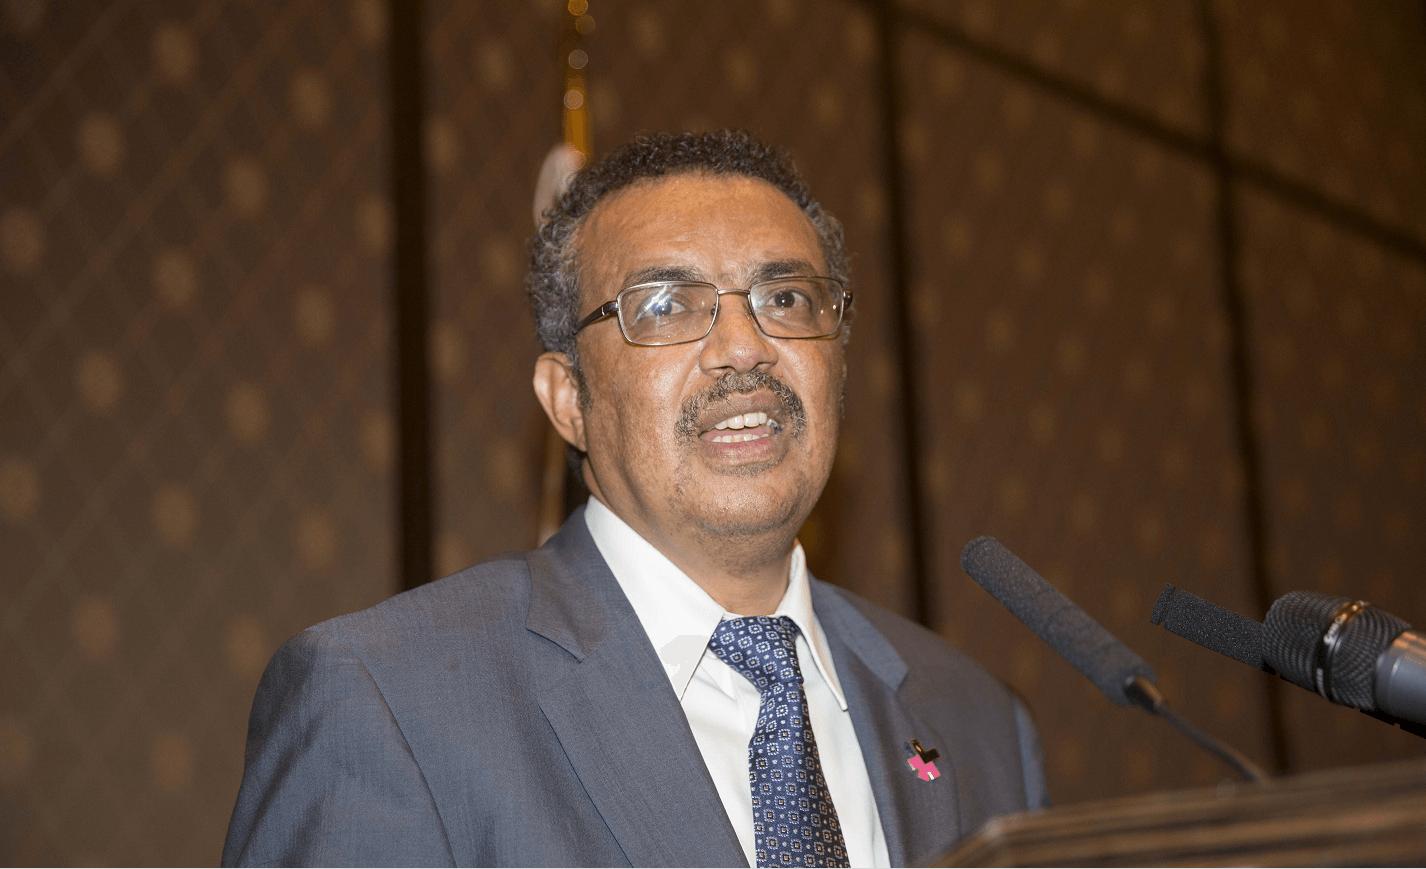 Eligen a etiope Tedros Adhanom para encabezar OMS